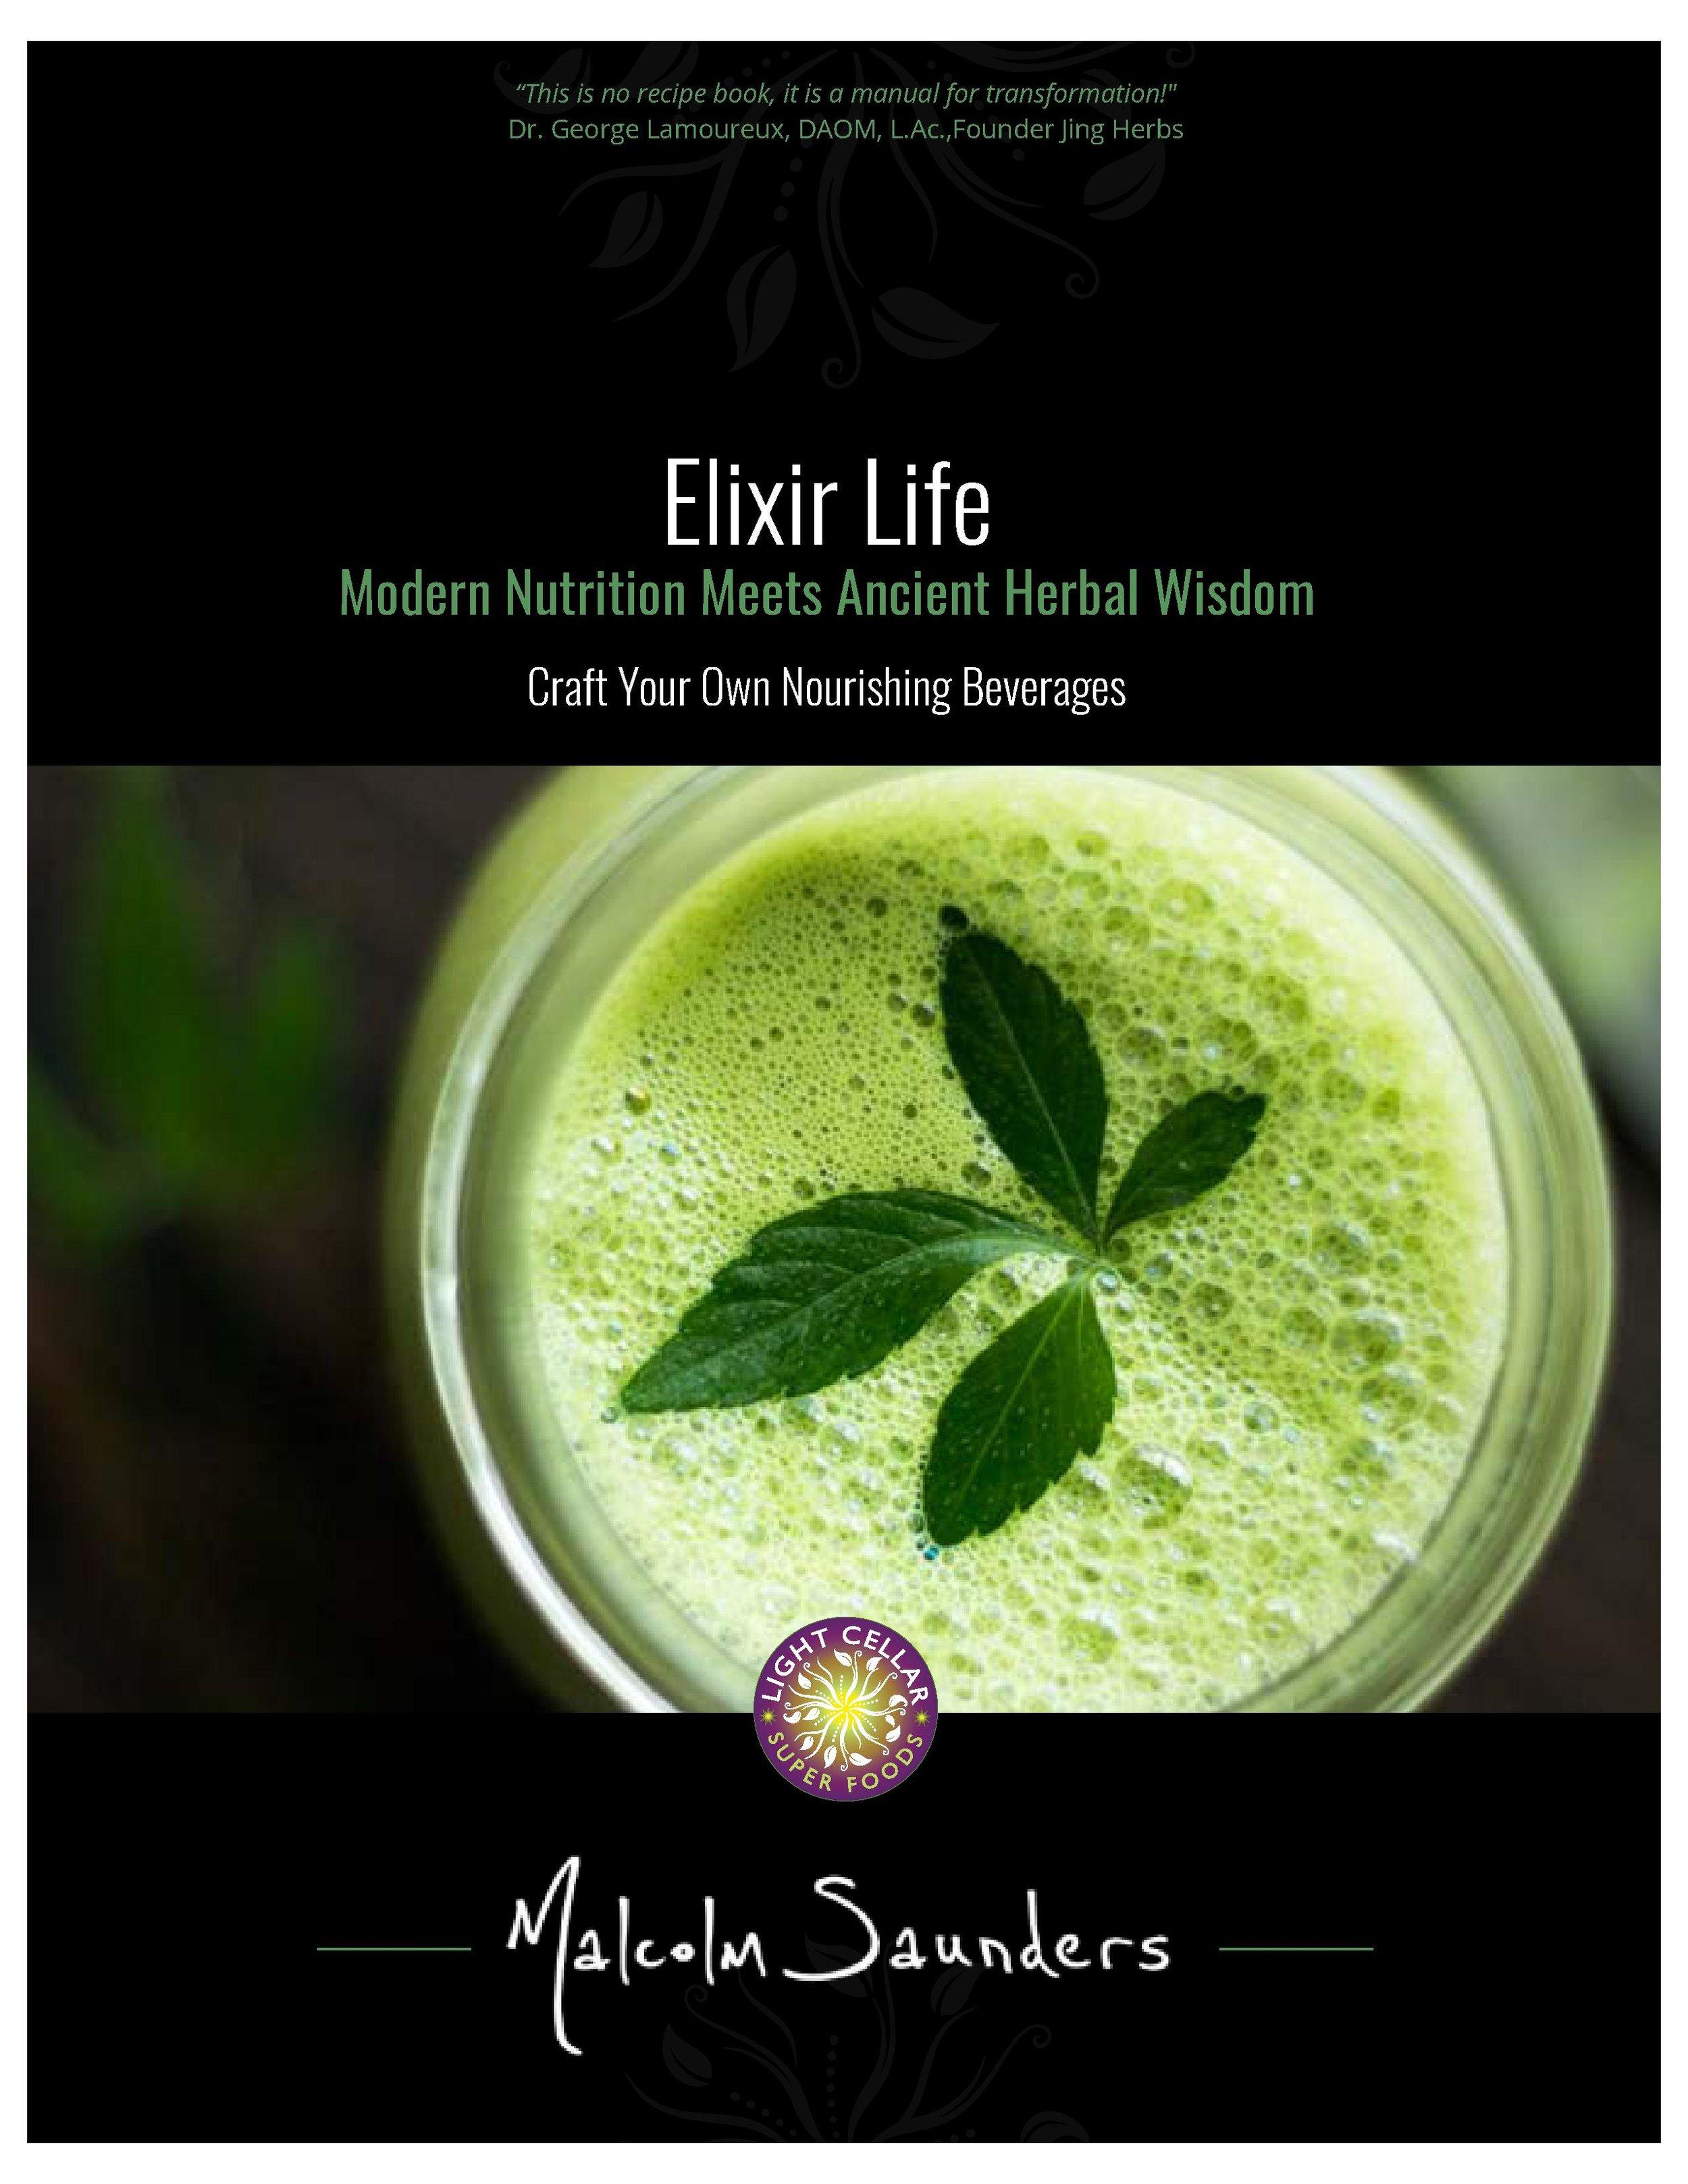 ElixirLife-cover.jpg